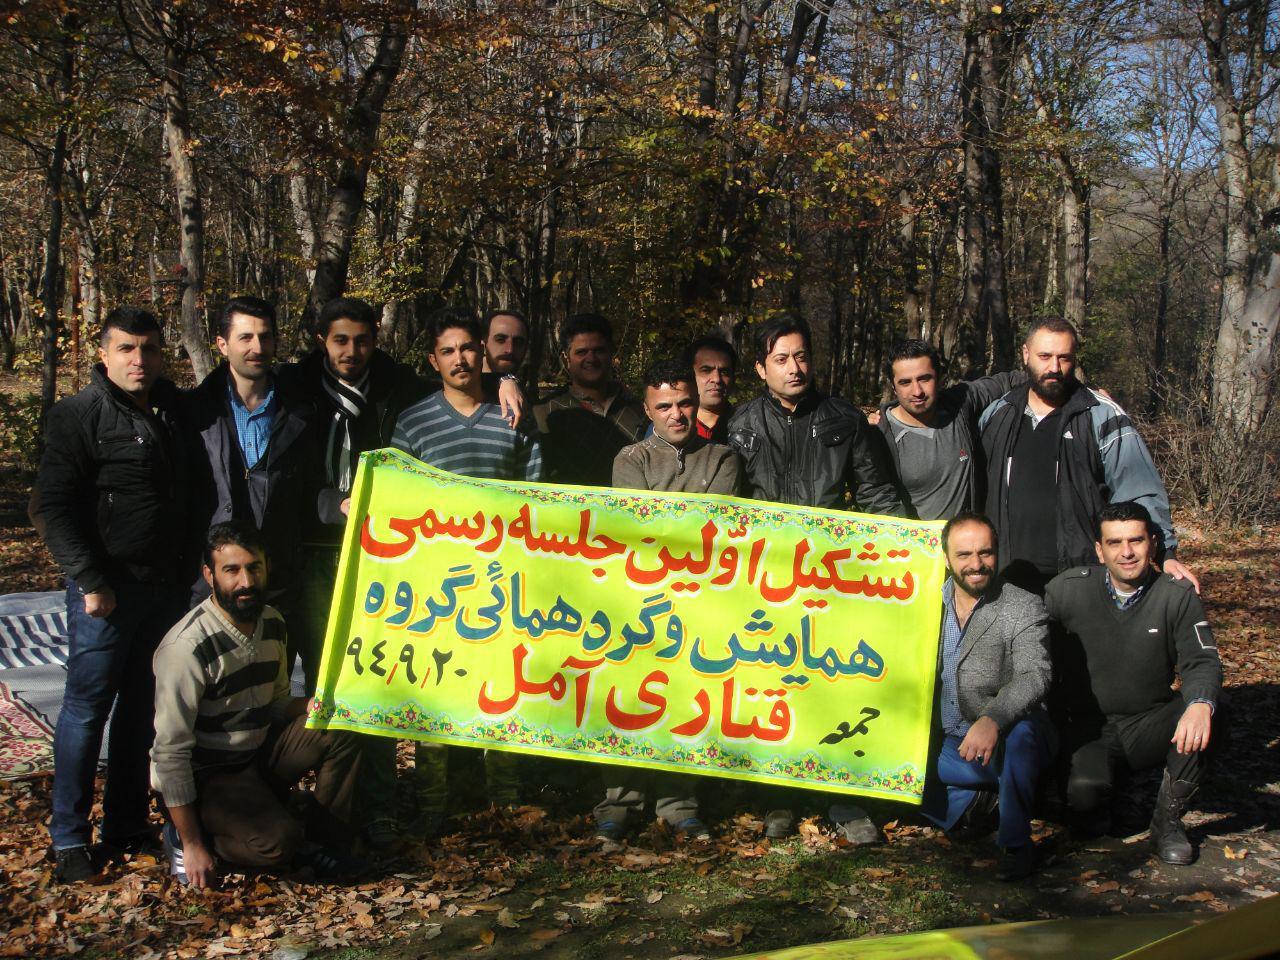 تشکیل اولین جلسه رسمی همایش و گردهمایی گروه قناری آمل